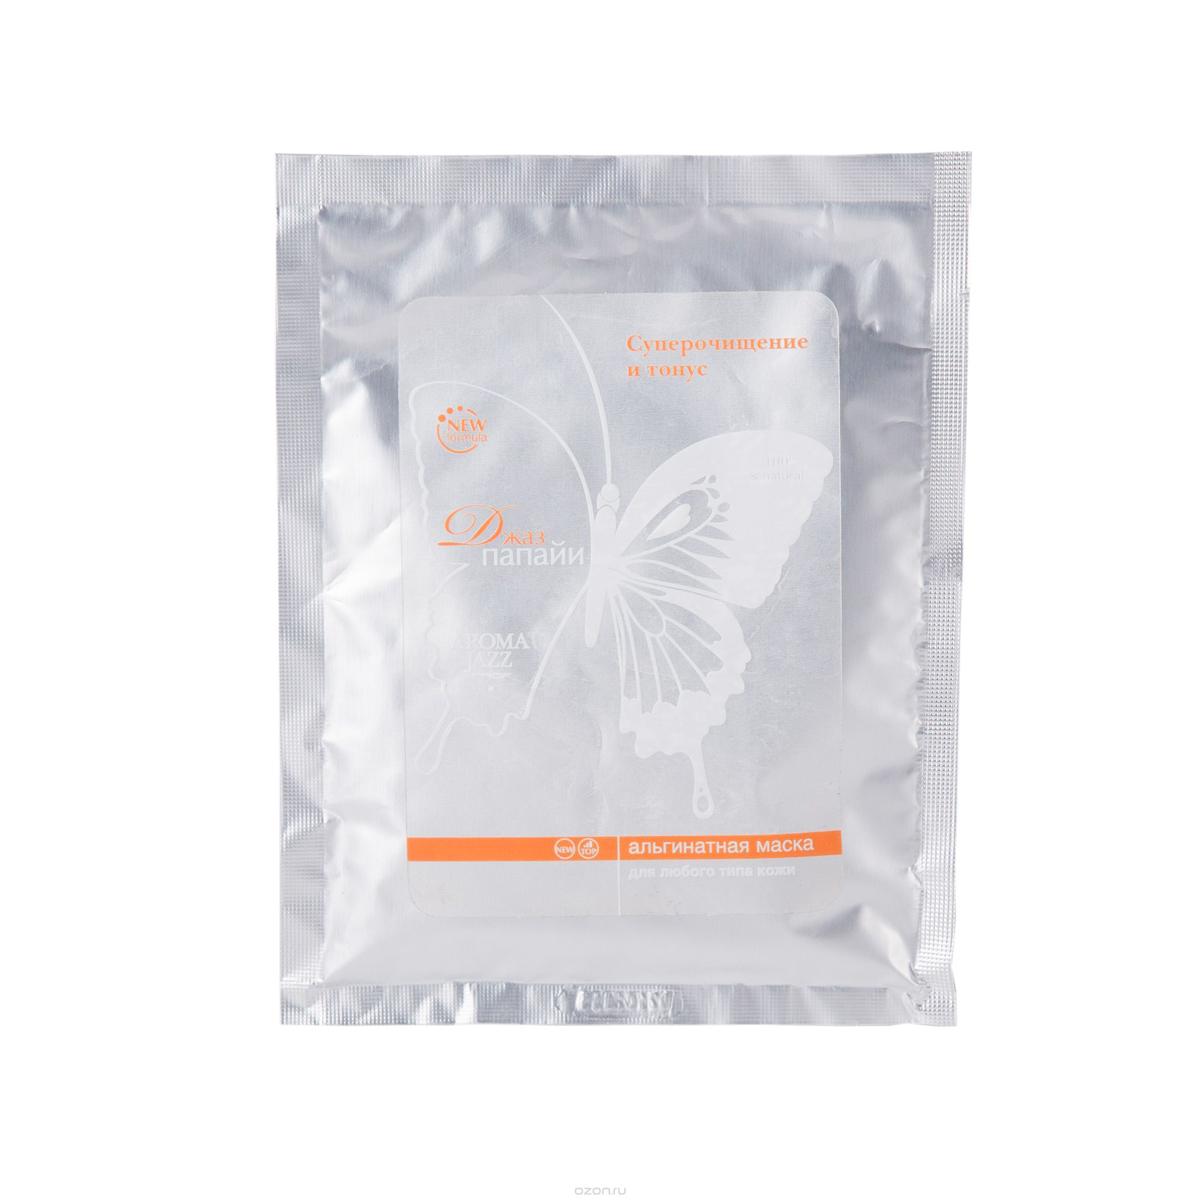 Aroma Jazz Пластифицирующая альгинатная маска для лица Джаз папайи, 100 млFS-00103Действие: маска способствует глубокому очищению и улучшению цвета кожи, обладает отшелушивающим действием, активизирует обновление клеток кожи, выравнивает структуру кожи и тонизирует ее. Маска не требует смывания водой. Через 30 минут она легко снимается в виде мягкого пластичного слепка. Противопоказания: индивидуальная непереносимость компонентов. Срок хранения: 24 месяца.